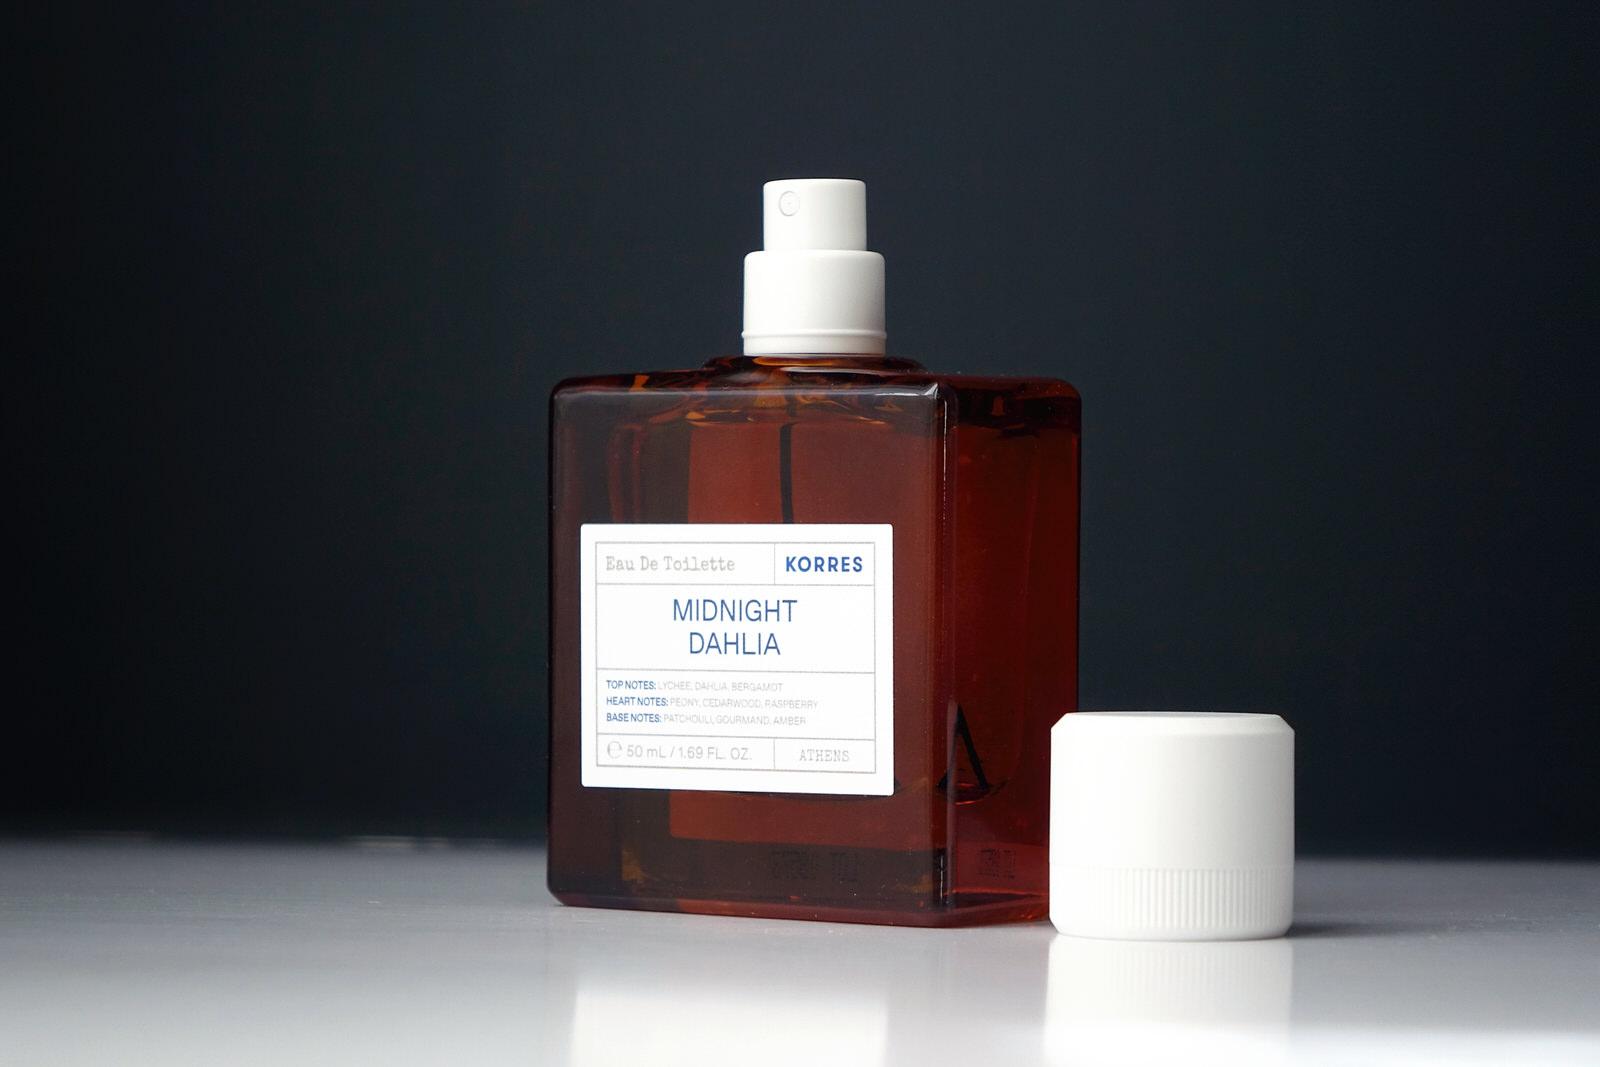 L'eau de toilette Midnight Dahlia de Korres